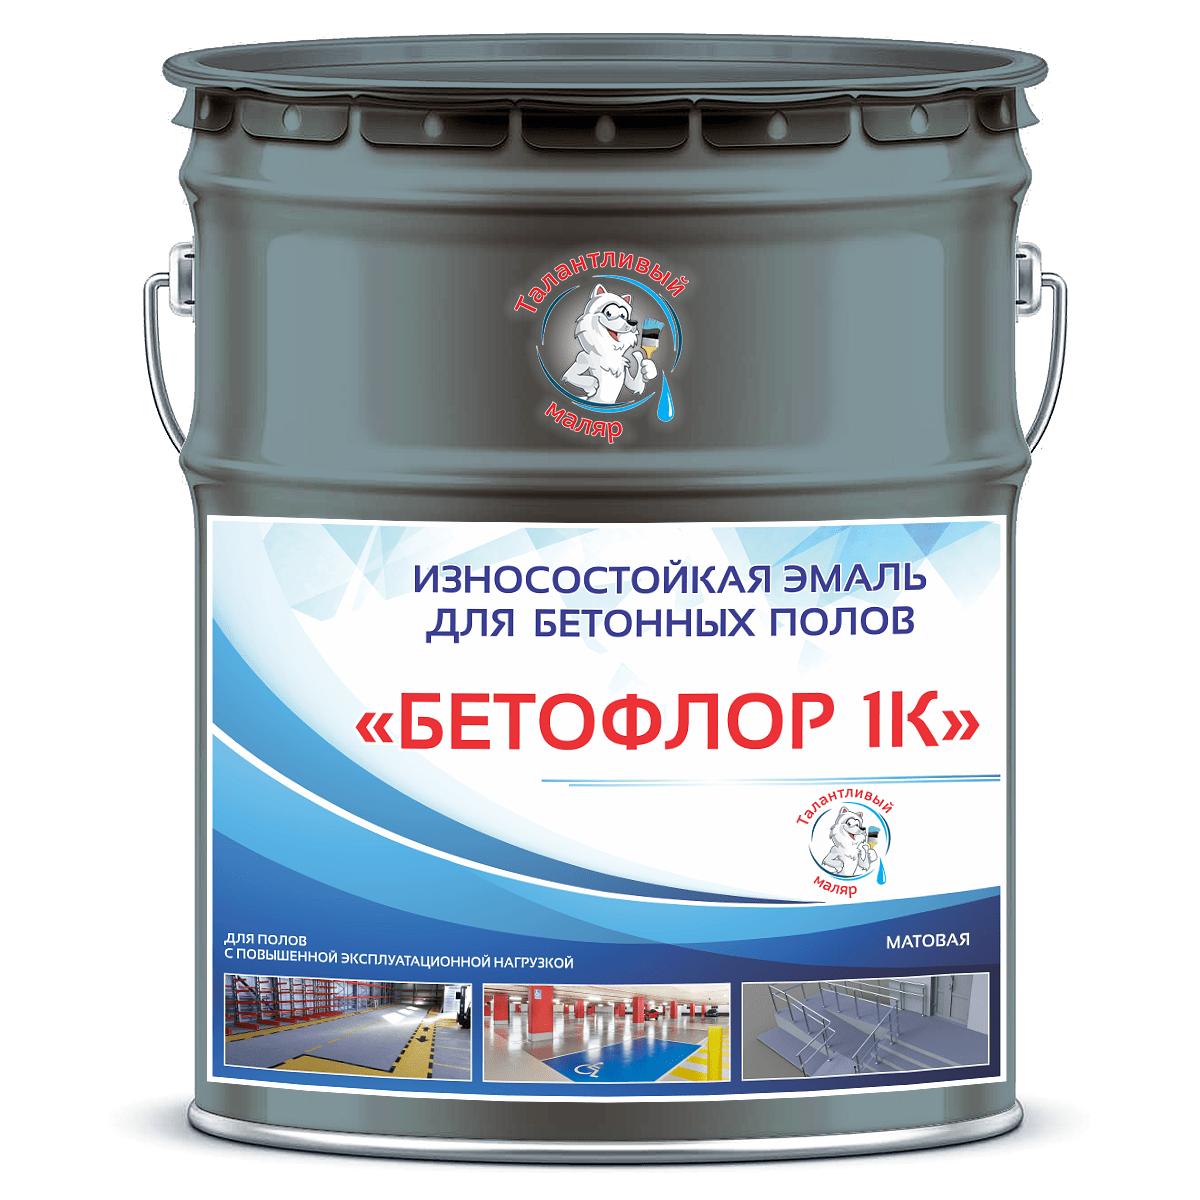 """Фото 11 - BF7011 Эмаль для бетонных полов """"Бетофлор"""" 1К цвет RAL 7011 Серый металл, матовая износостойкая, 25 кг """"Талантливый Маляр""""."""